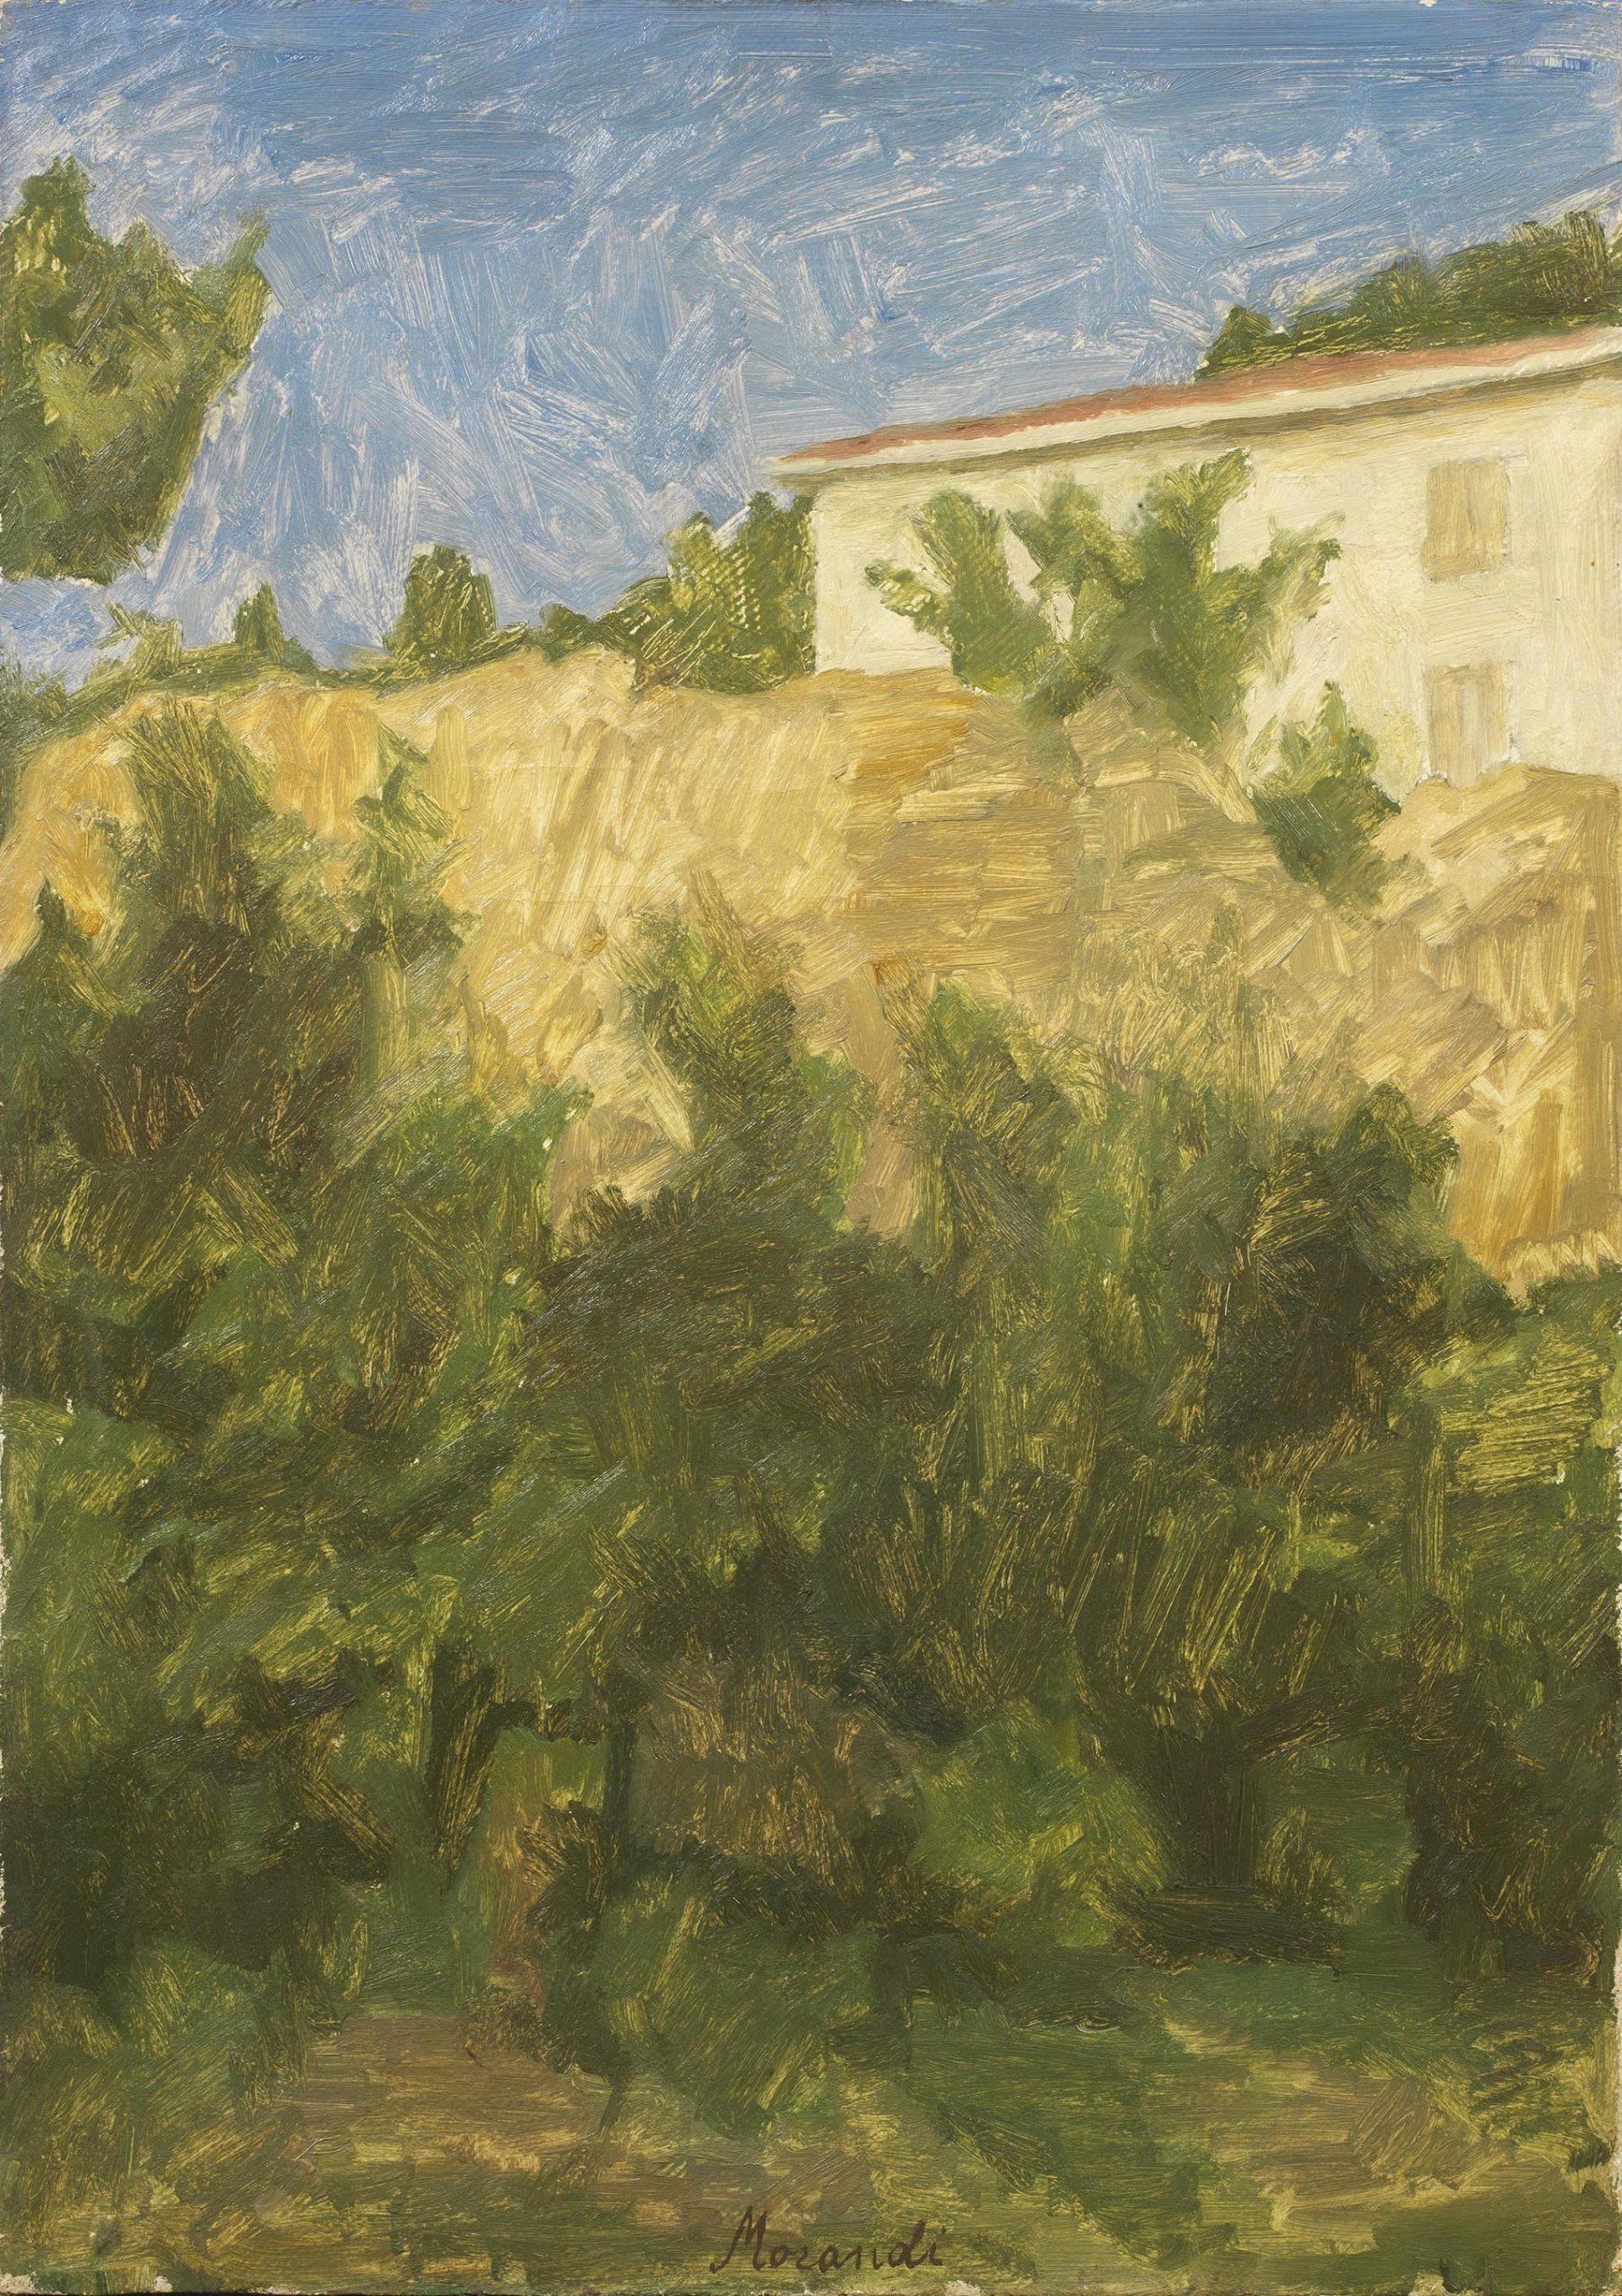 Morandi, Paesaggio, 1932, 61.5x43.5 cm